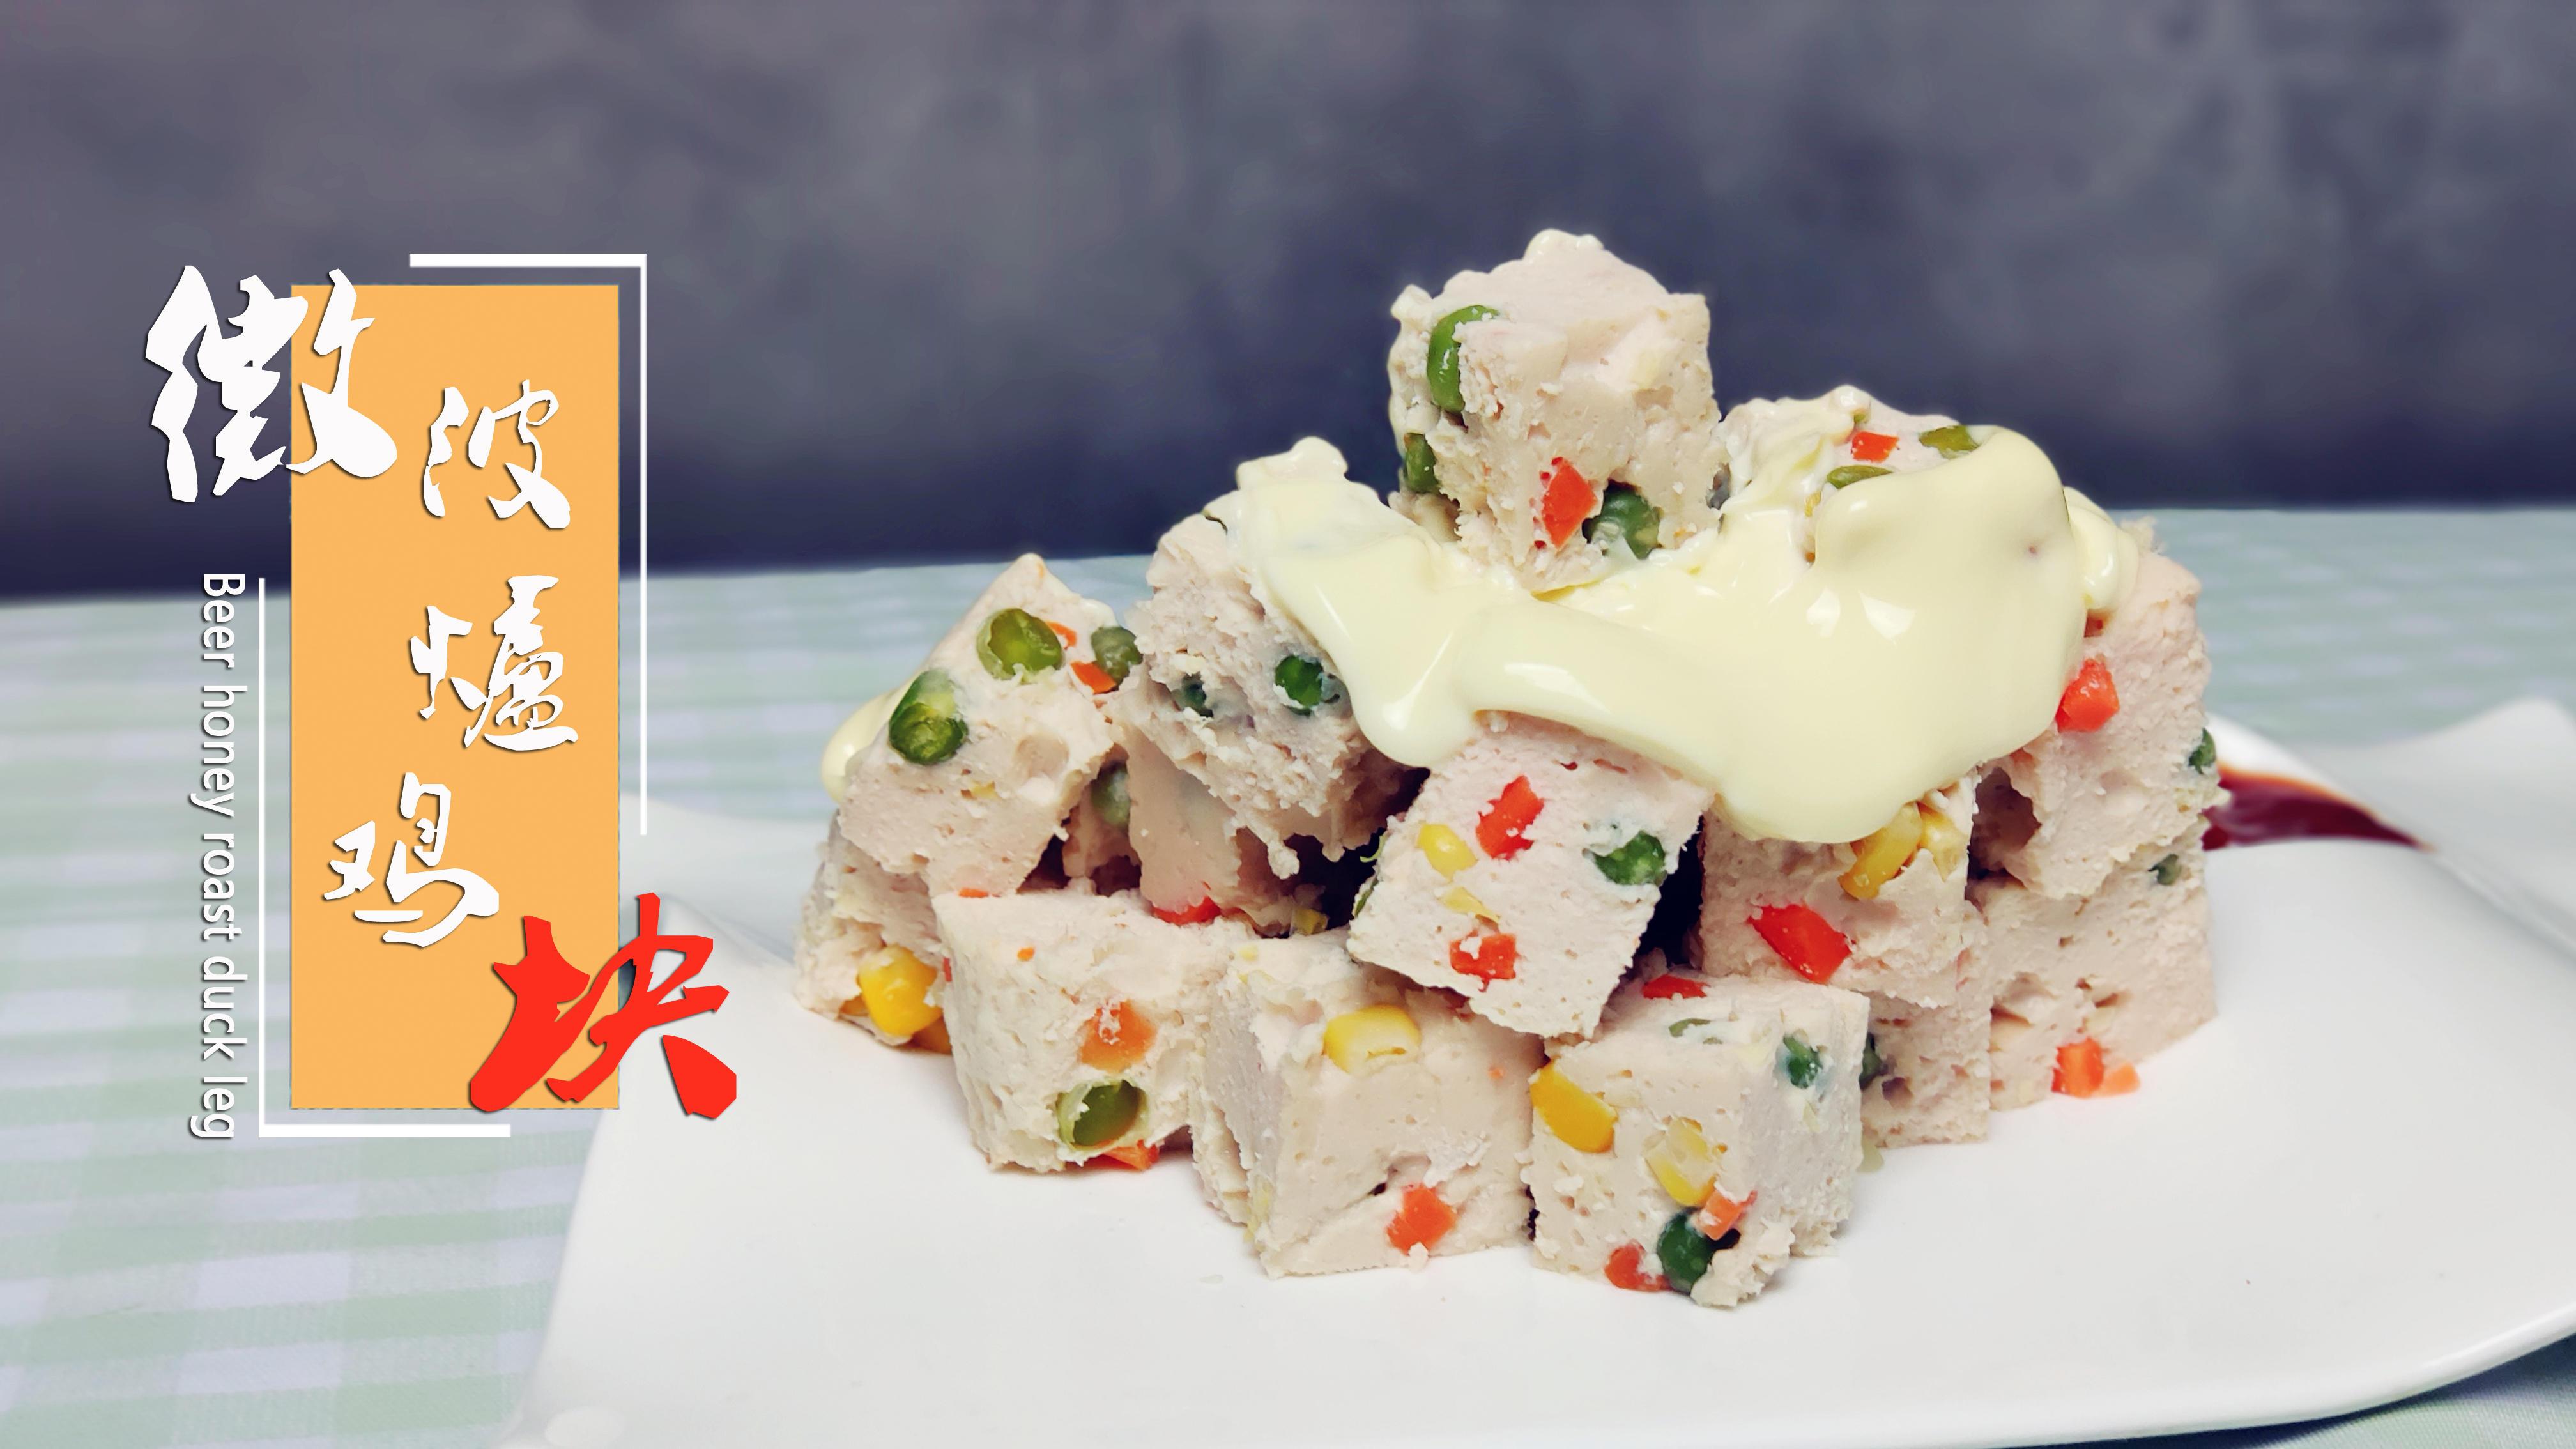 「食语集」不炒不蒸,微波炉鸡肉块沙拉,好吃又好做!